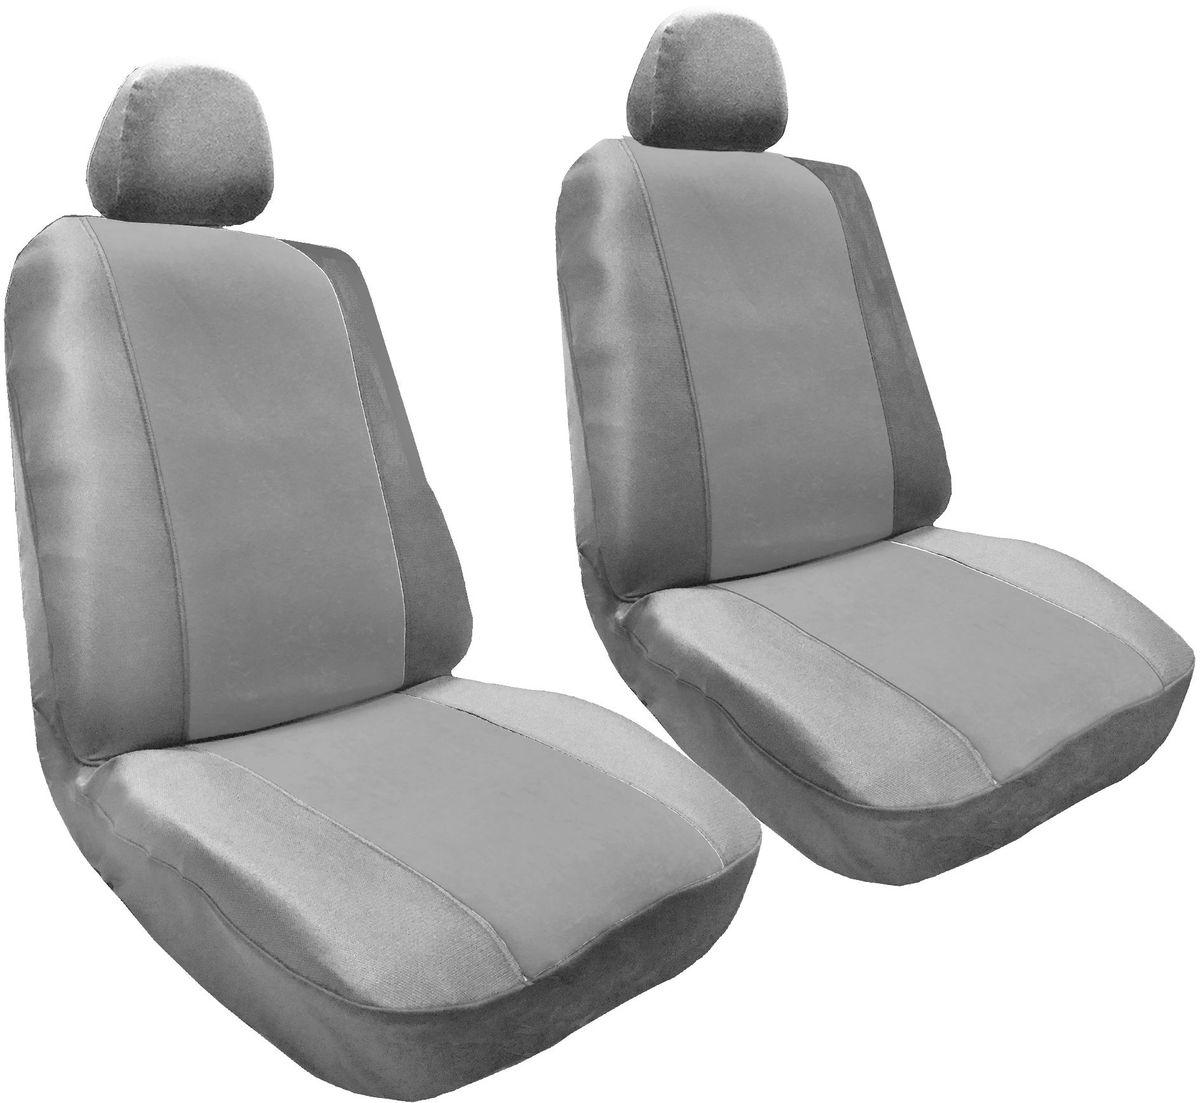 Набор автомобильных чехлов Auto Premium Корвет, цвет: серый, 4 предмета21395599Комплект универсальных чехлов Auto Premium Корвет выполнен из велюра. Предназначен для передних кресел автомобиля. В комплект входят съемные чехлы для подголовников. Практичный и долговечный комплект чехлов для передних сидений надежно защищает сиденье водителя и пассажира от механических повреждений, загрязнений и износа.